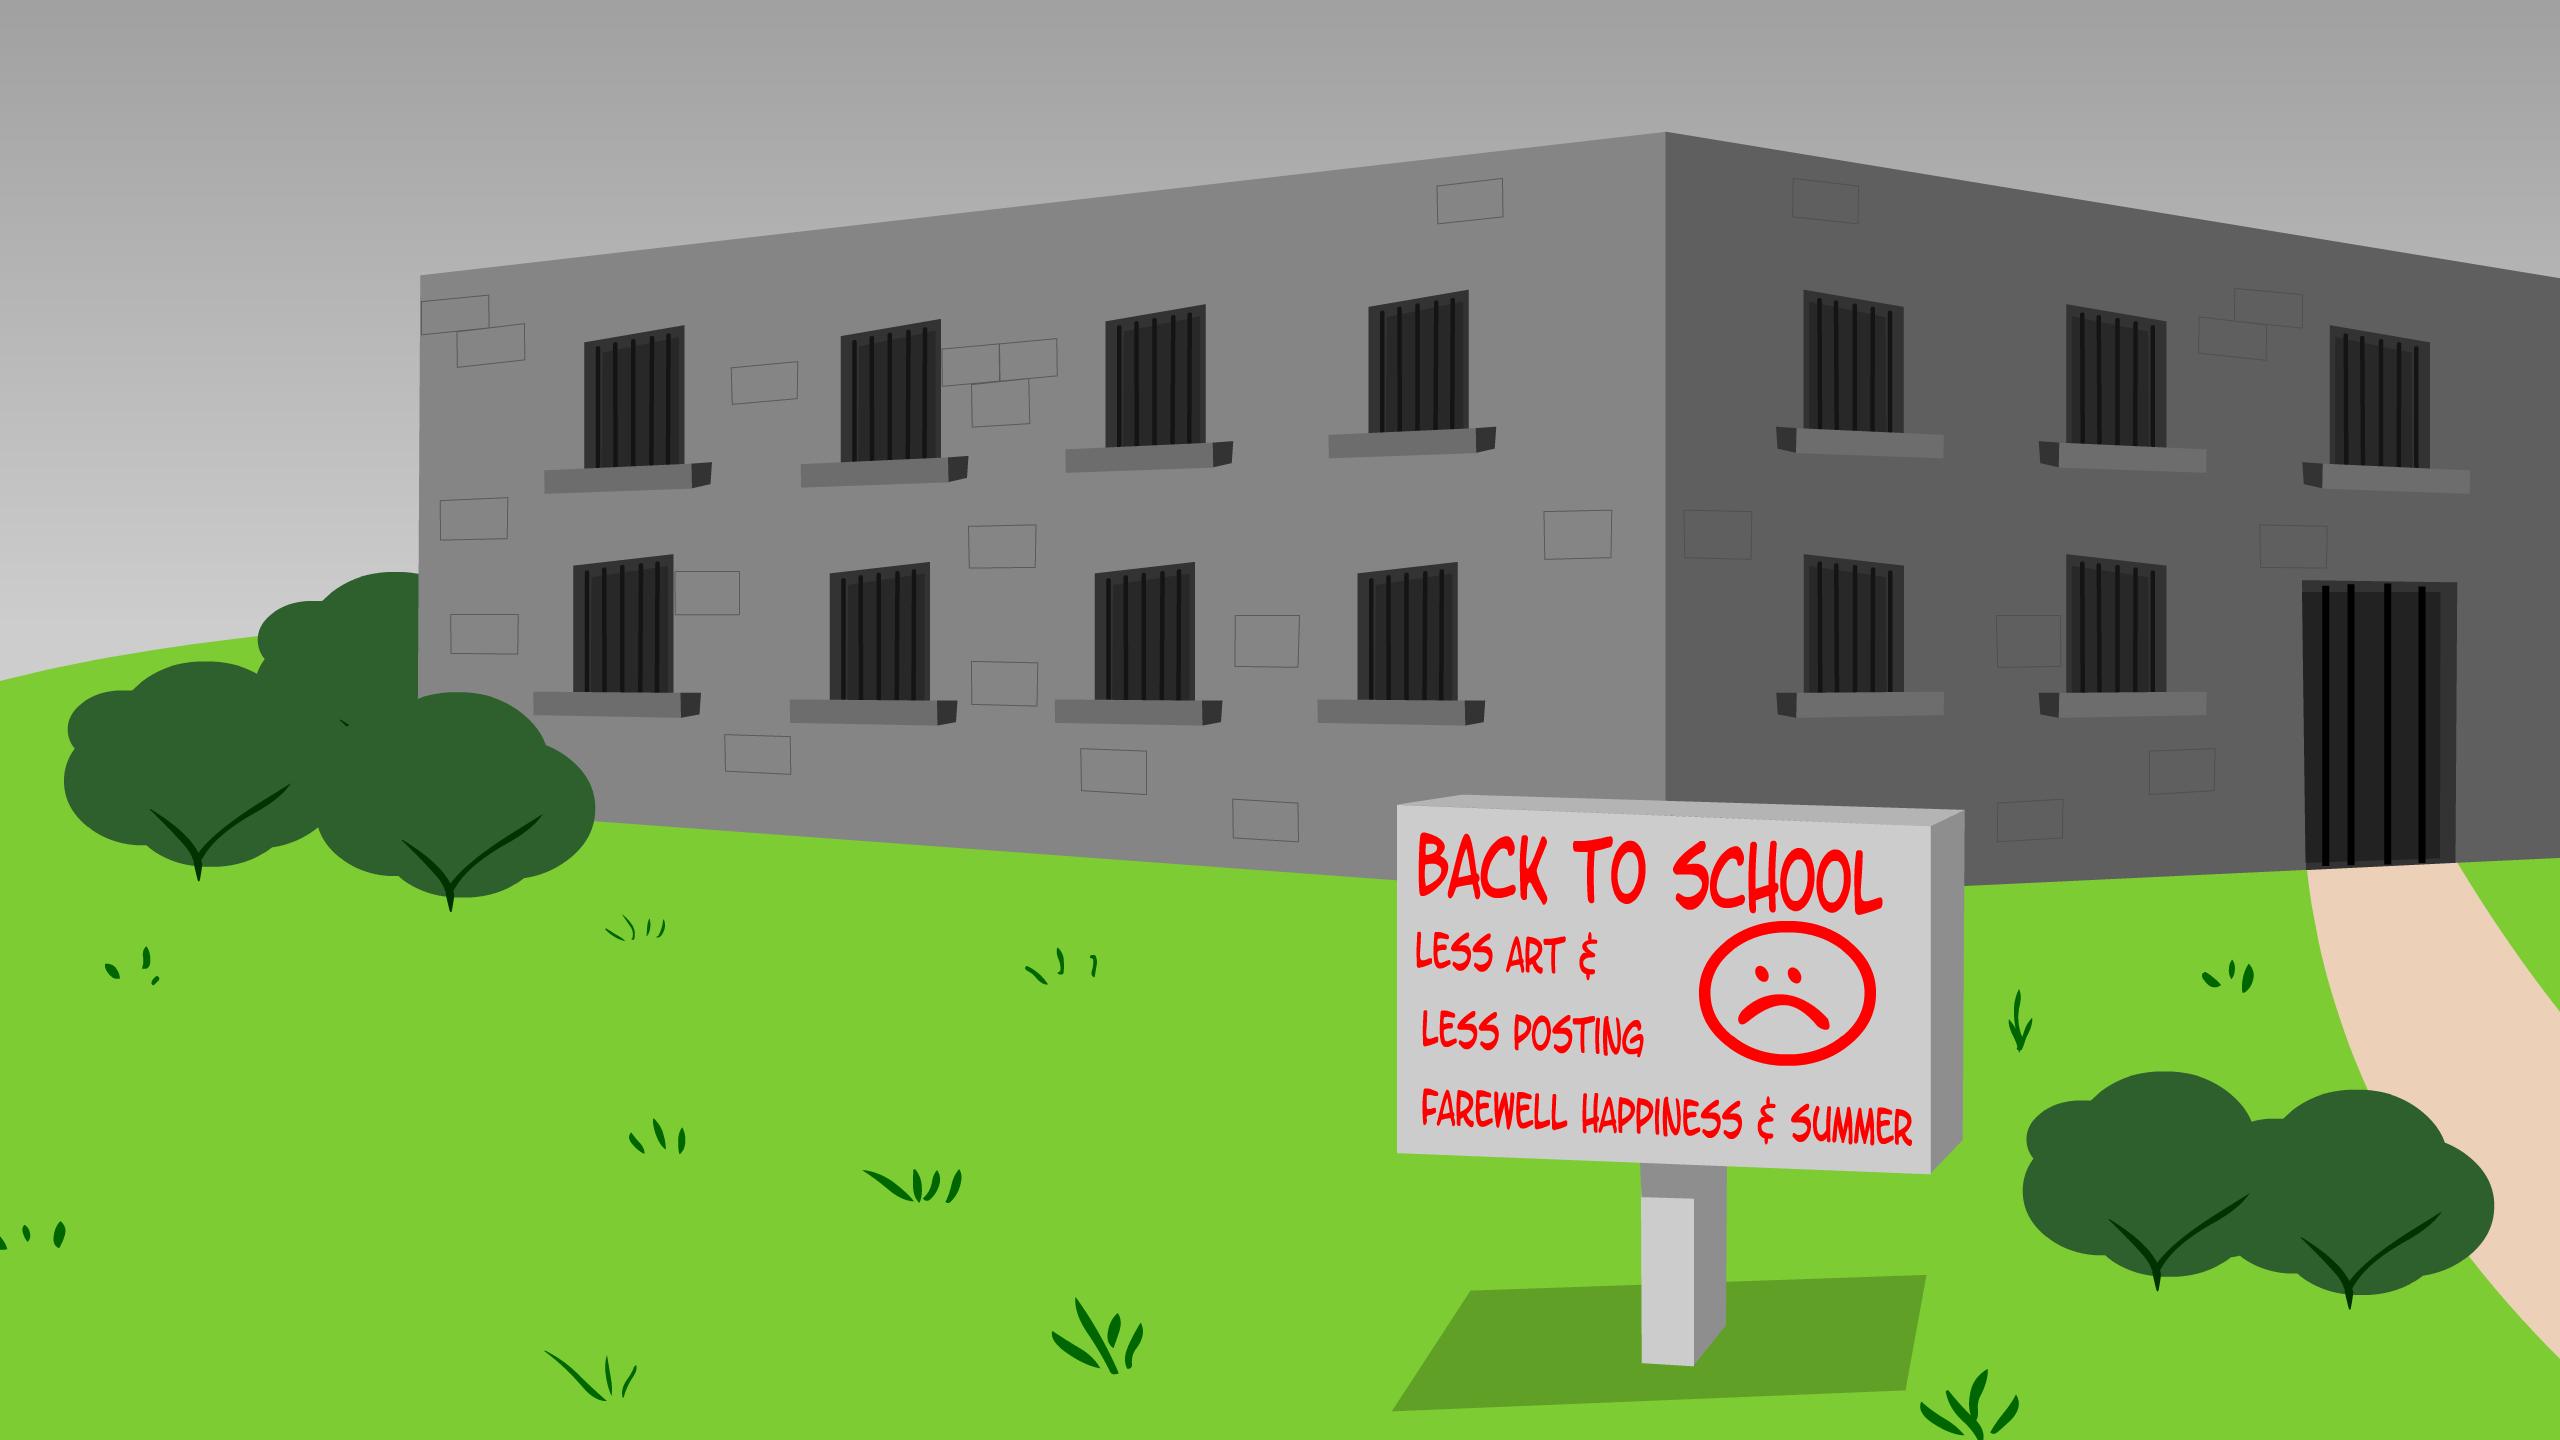 Back to School by Kronoxus